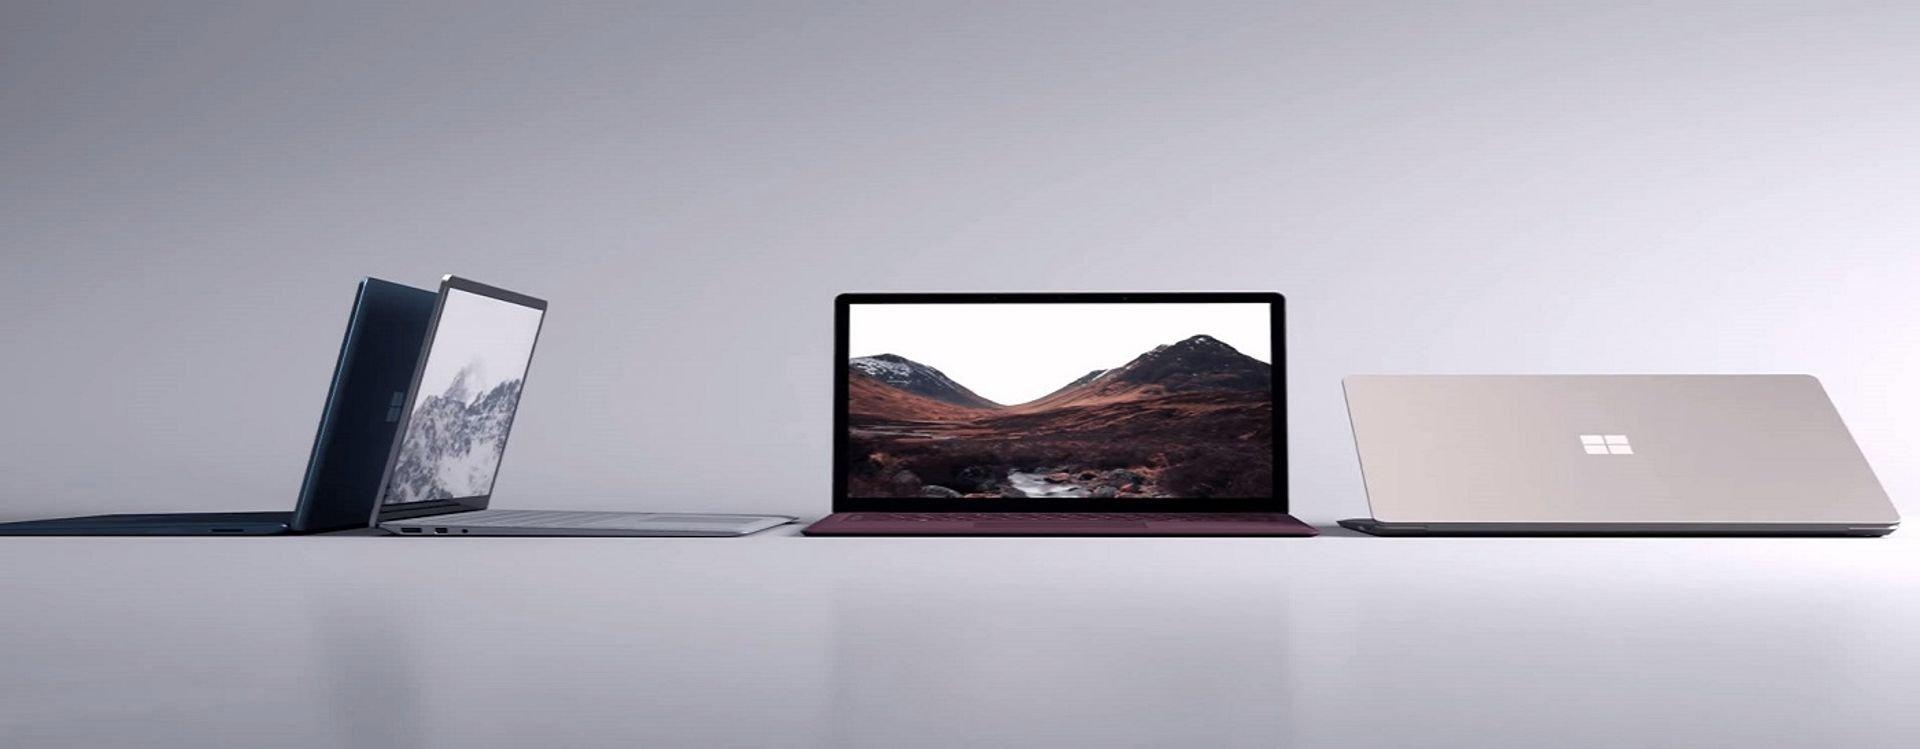 ما هي مواصفات Microsoft Laptop الجديد وما ميزات هذا الجهاز؟